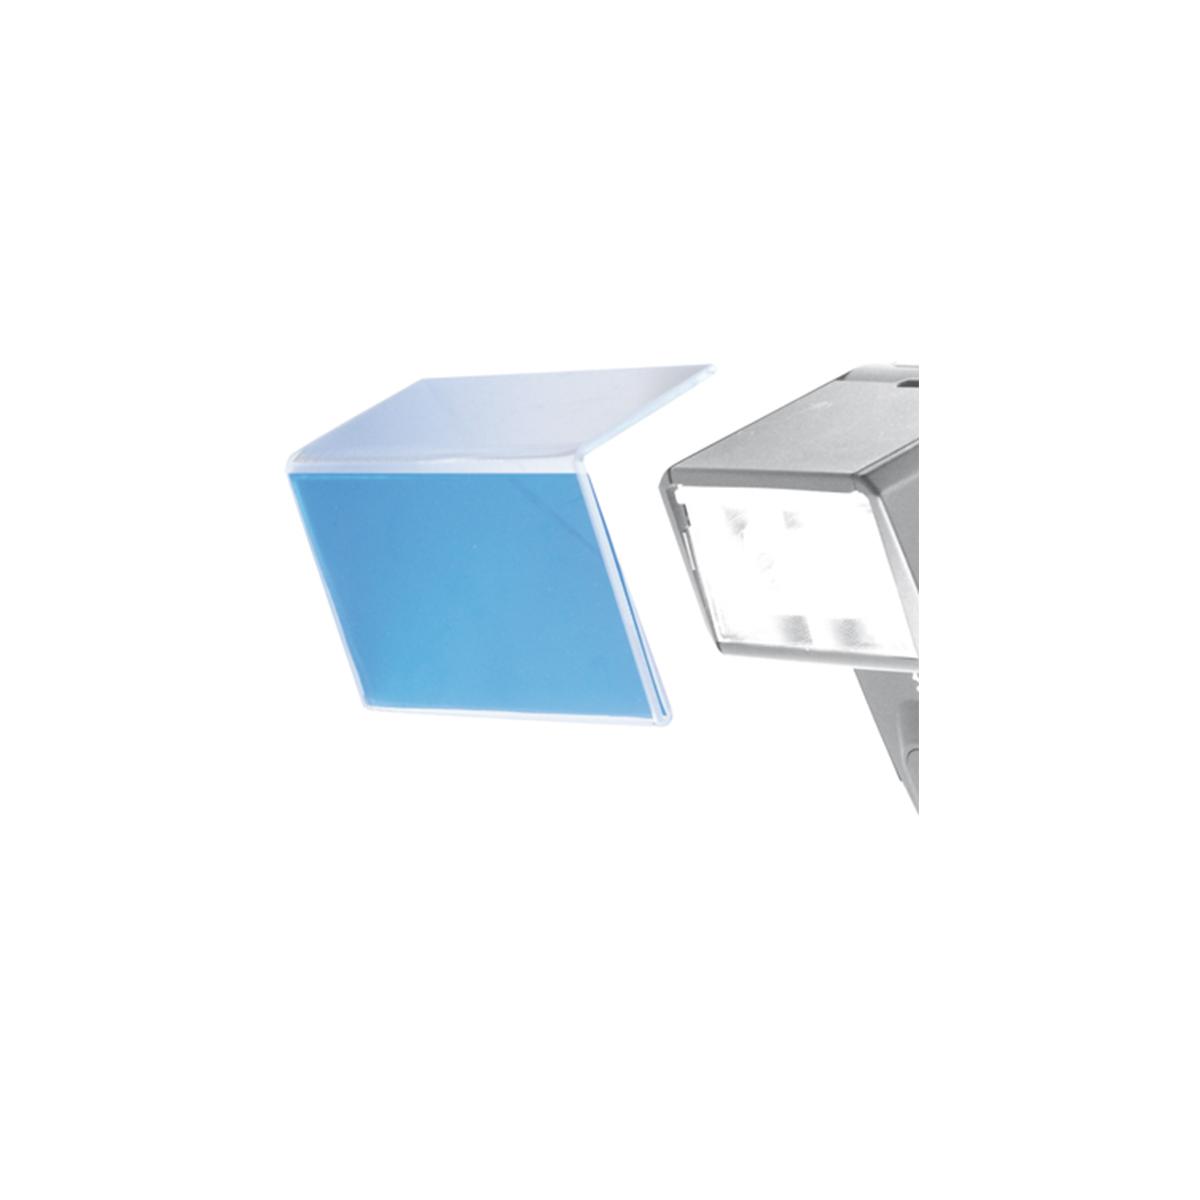 B.I.G. Folien-Filterhalter für Systemblitzgeräte